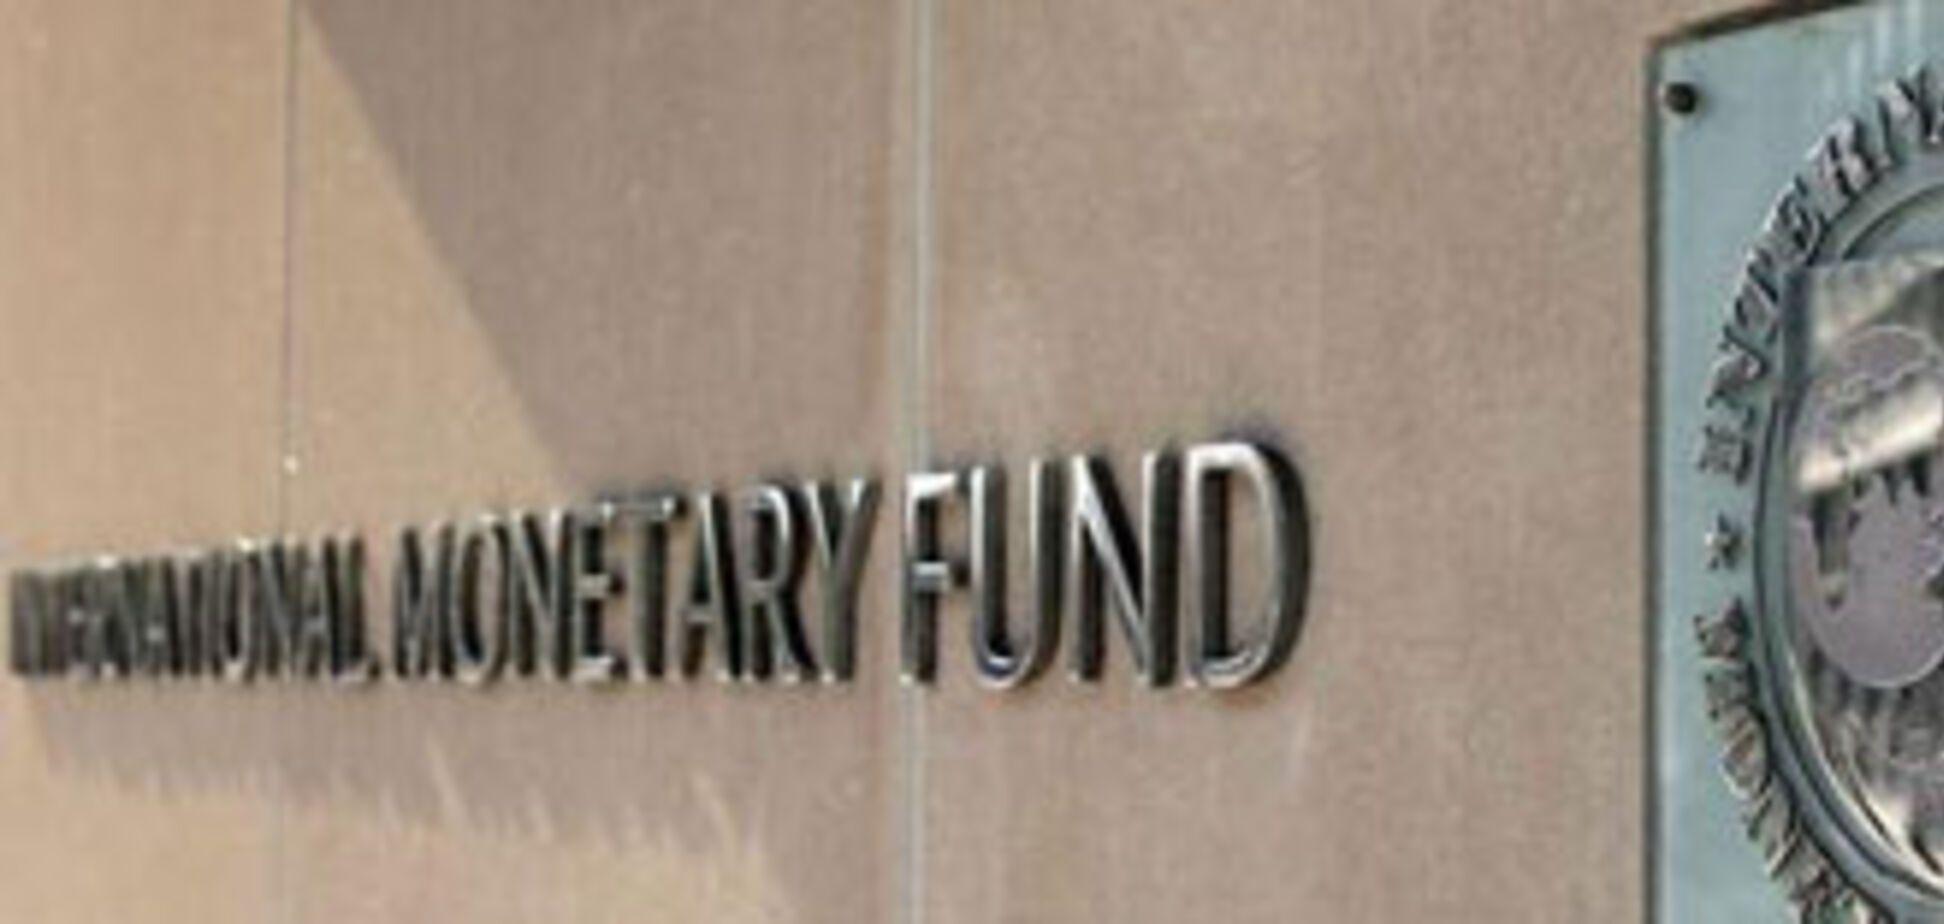 МВФ знизив критерії оцінки української економіки